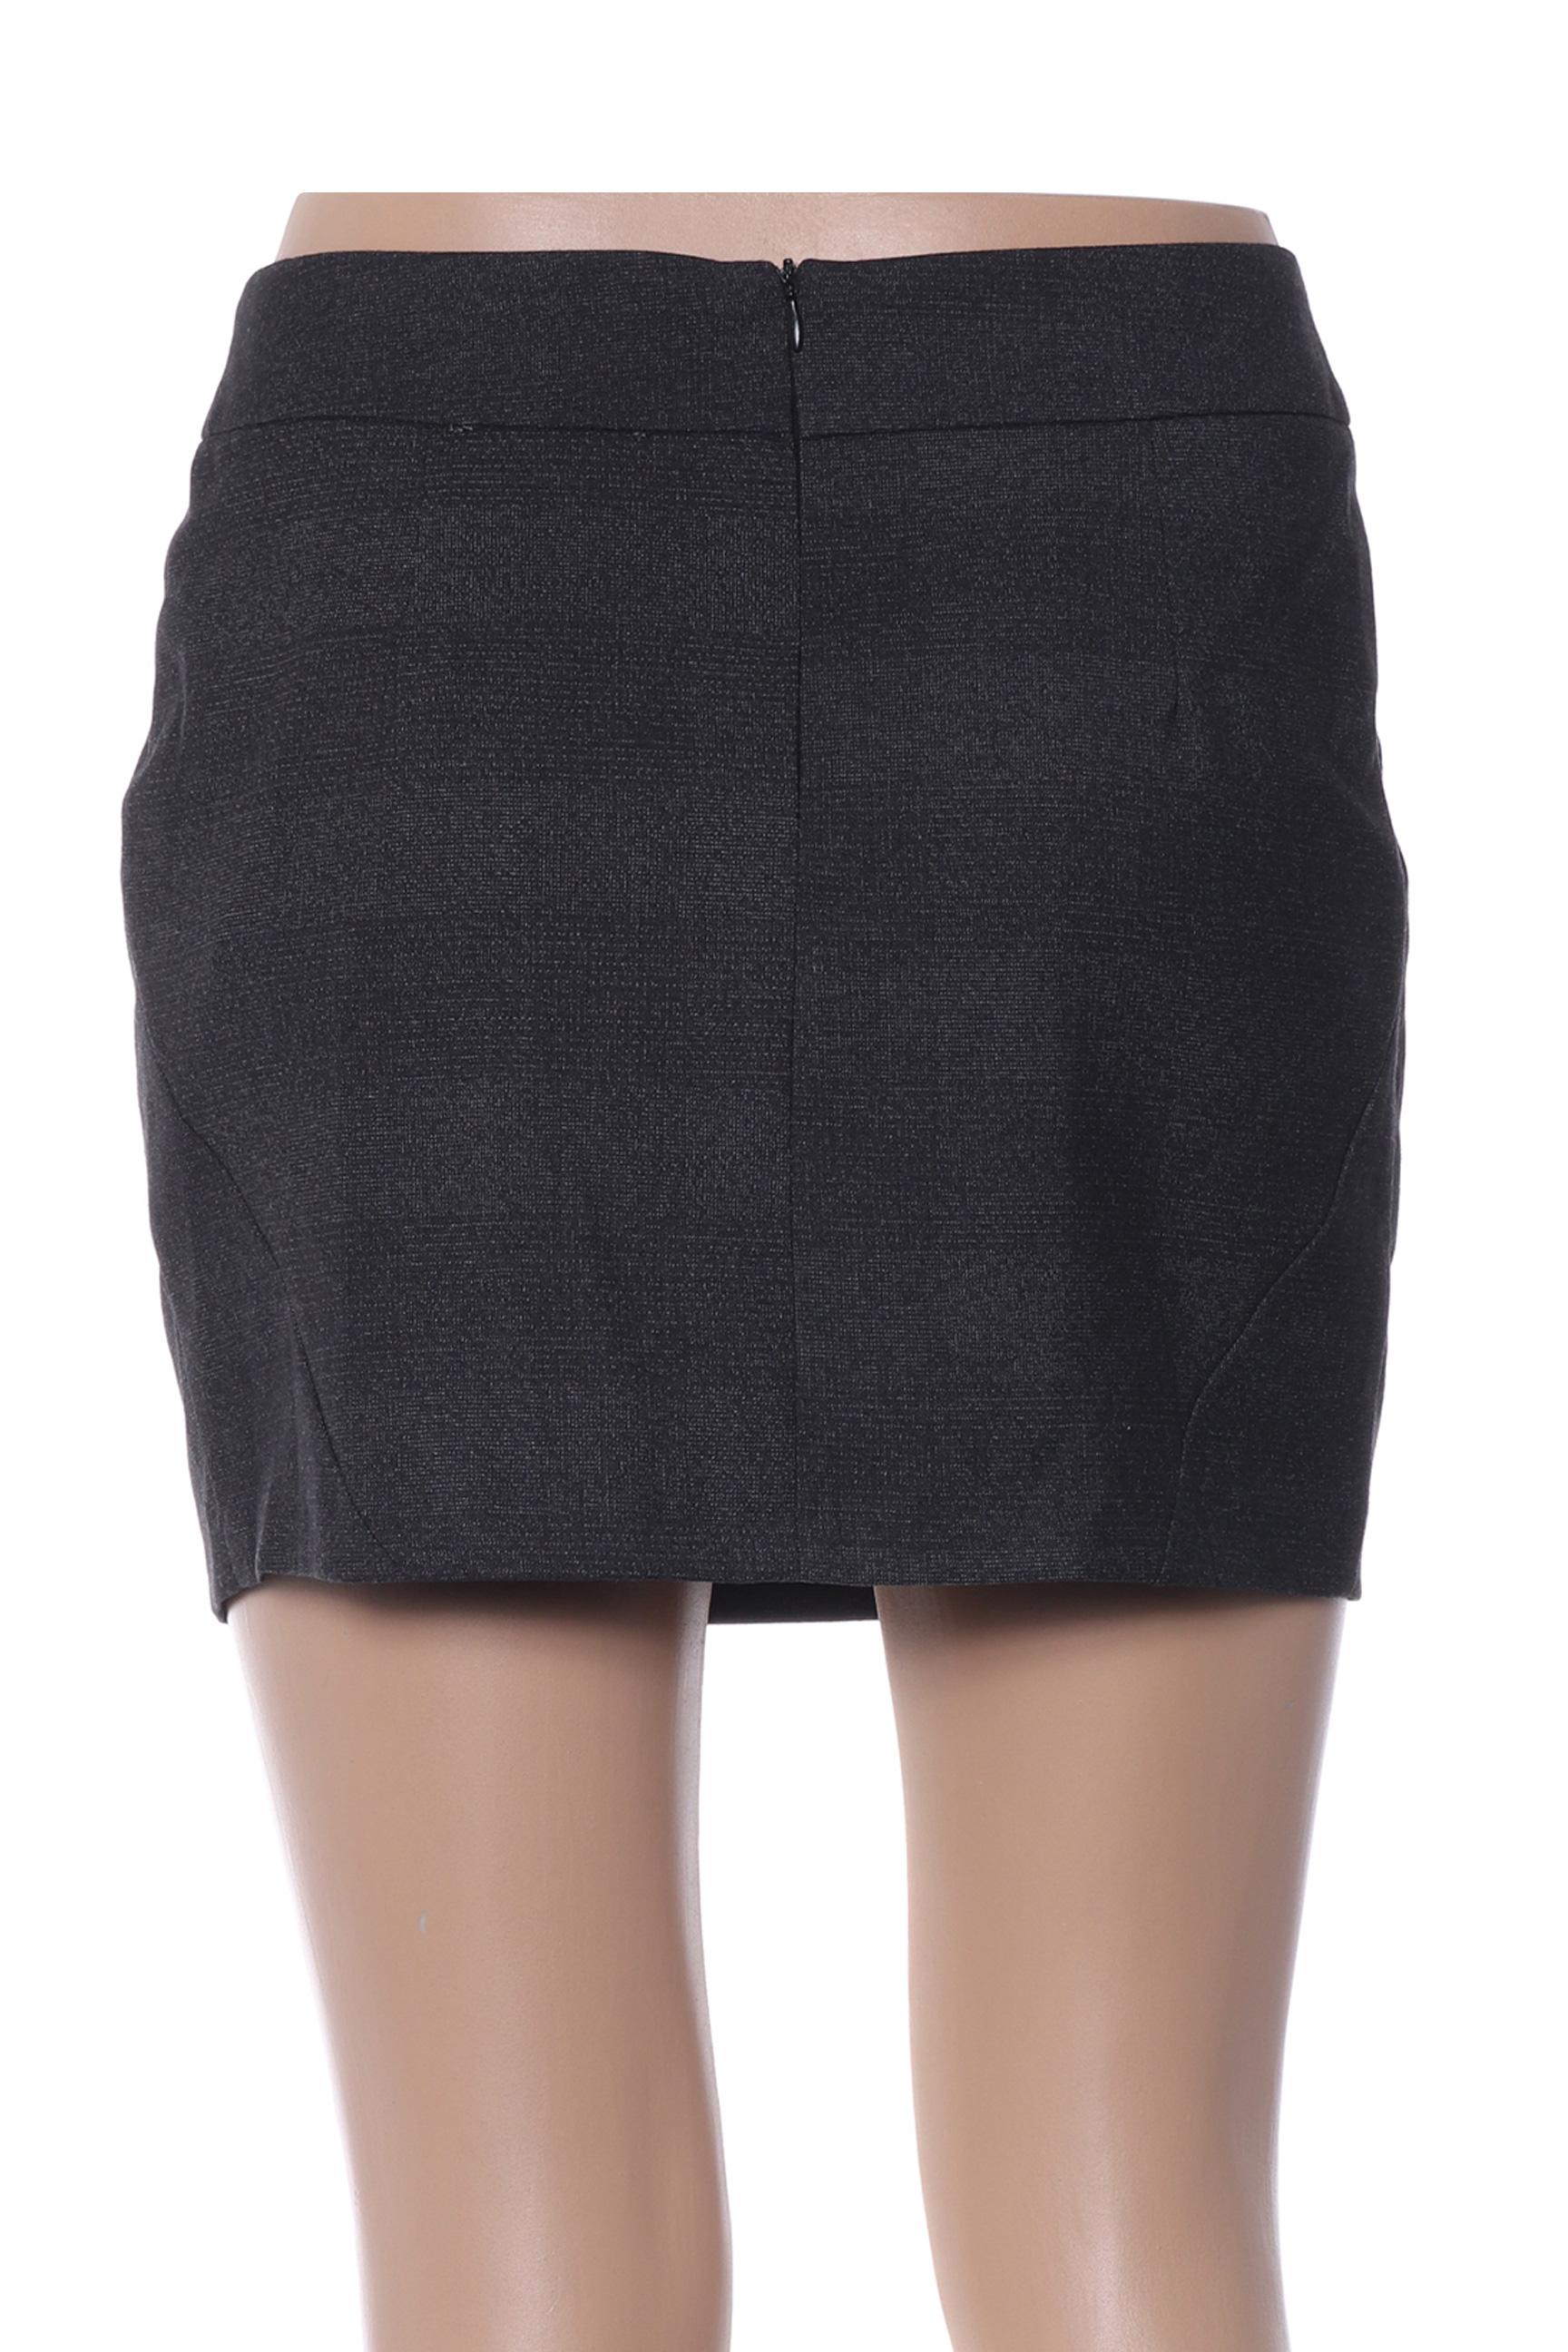 Multiples Mini Jupe Femme De Couleur Noir En Soldes Pas Cher 1384009-noir00